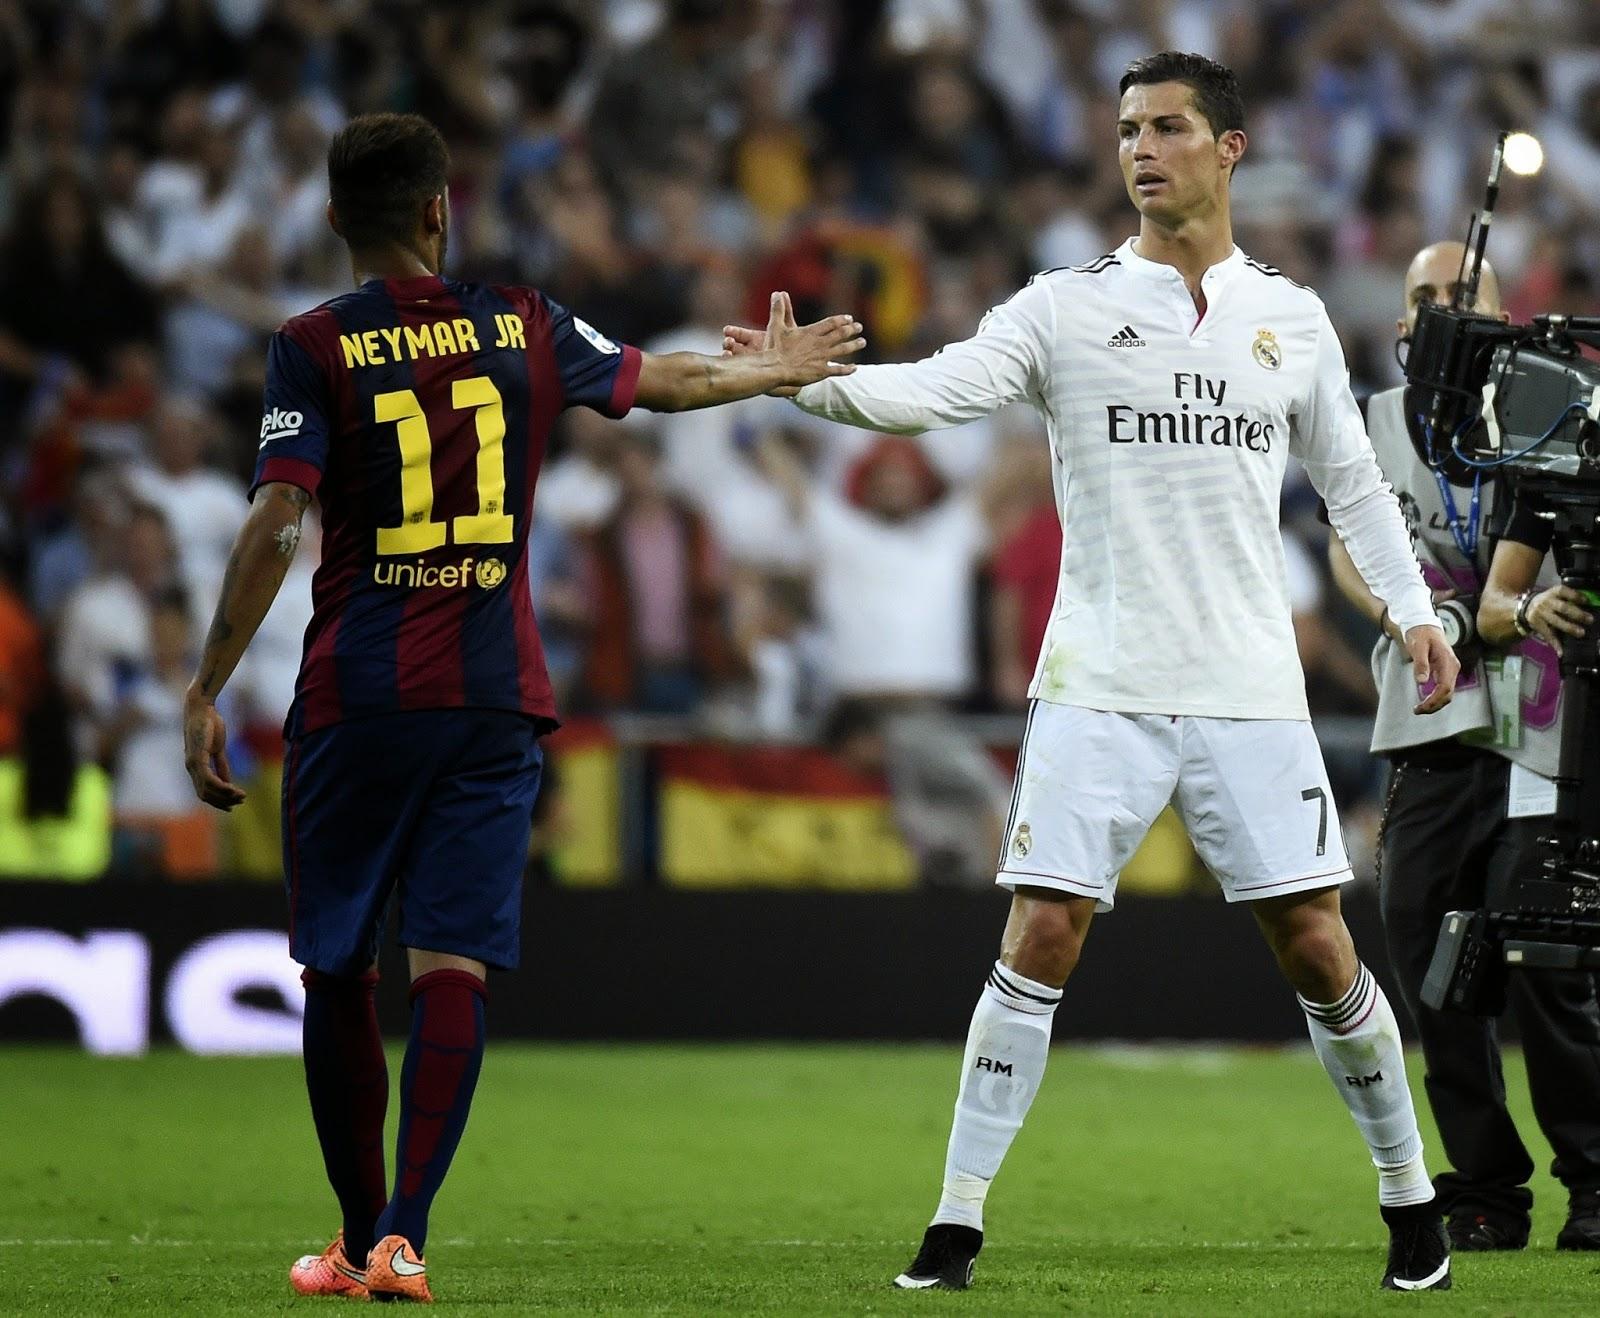 Ballon d'Or: Neymar Votes For Cristiano Ronaldo